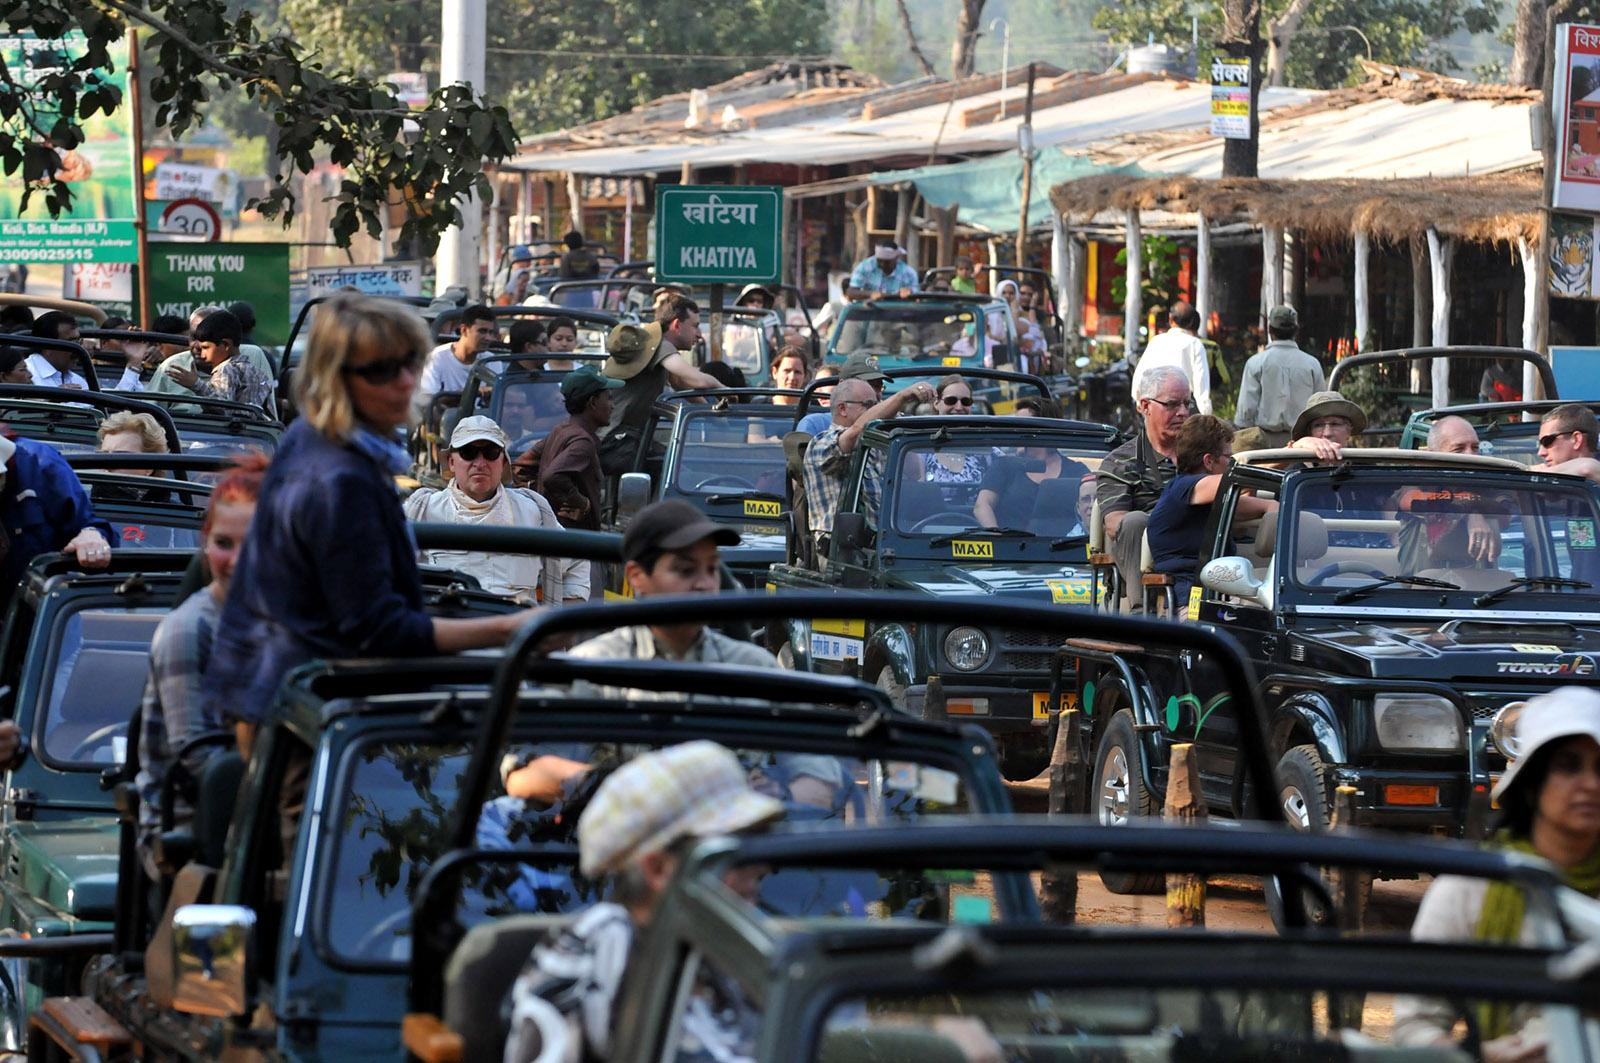 foto van tientallen jeeps met mensen erin in een straat